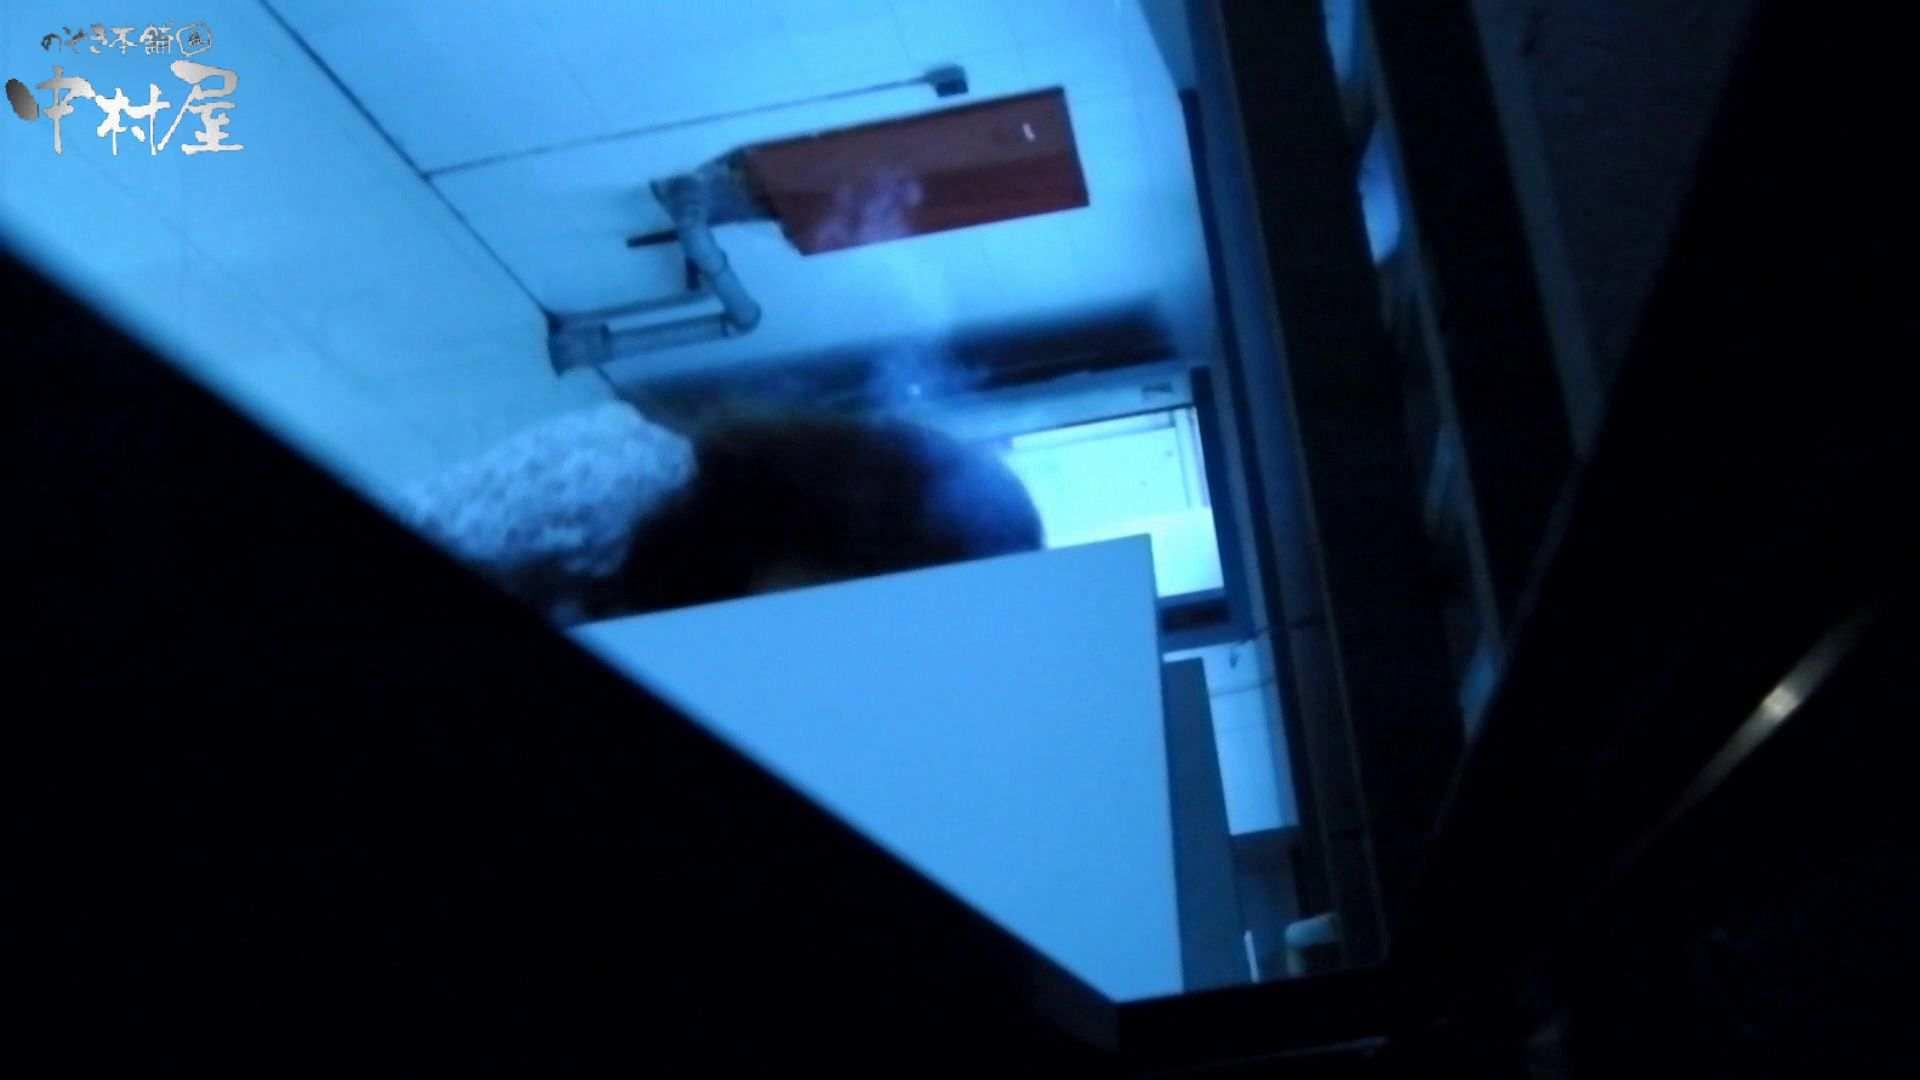 新世界の射窓 No72 モデル級なら個室から飛び出て追っかけます モデルヌード | 洗面所  81pic 12